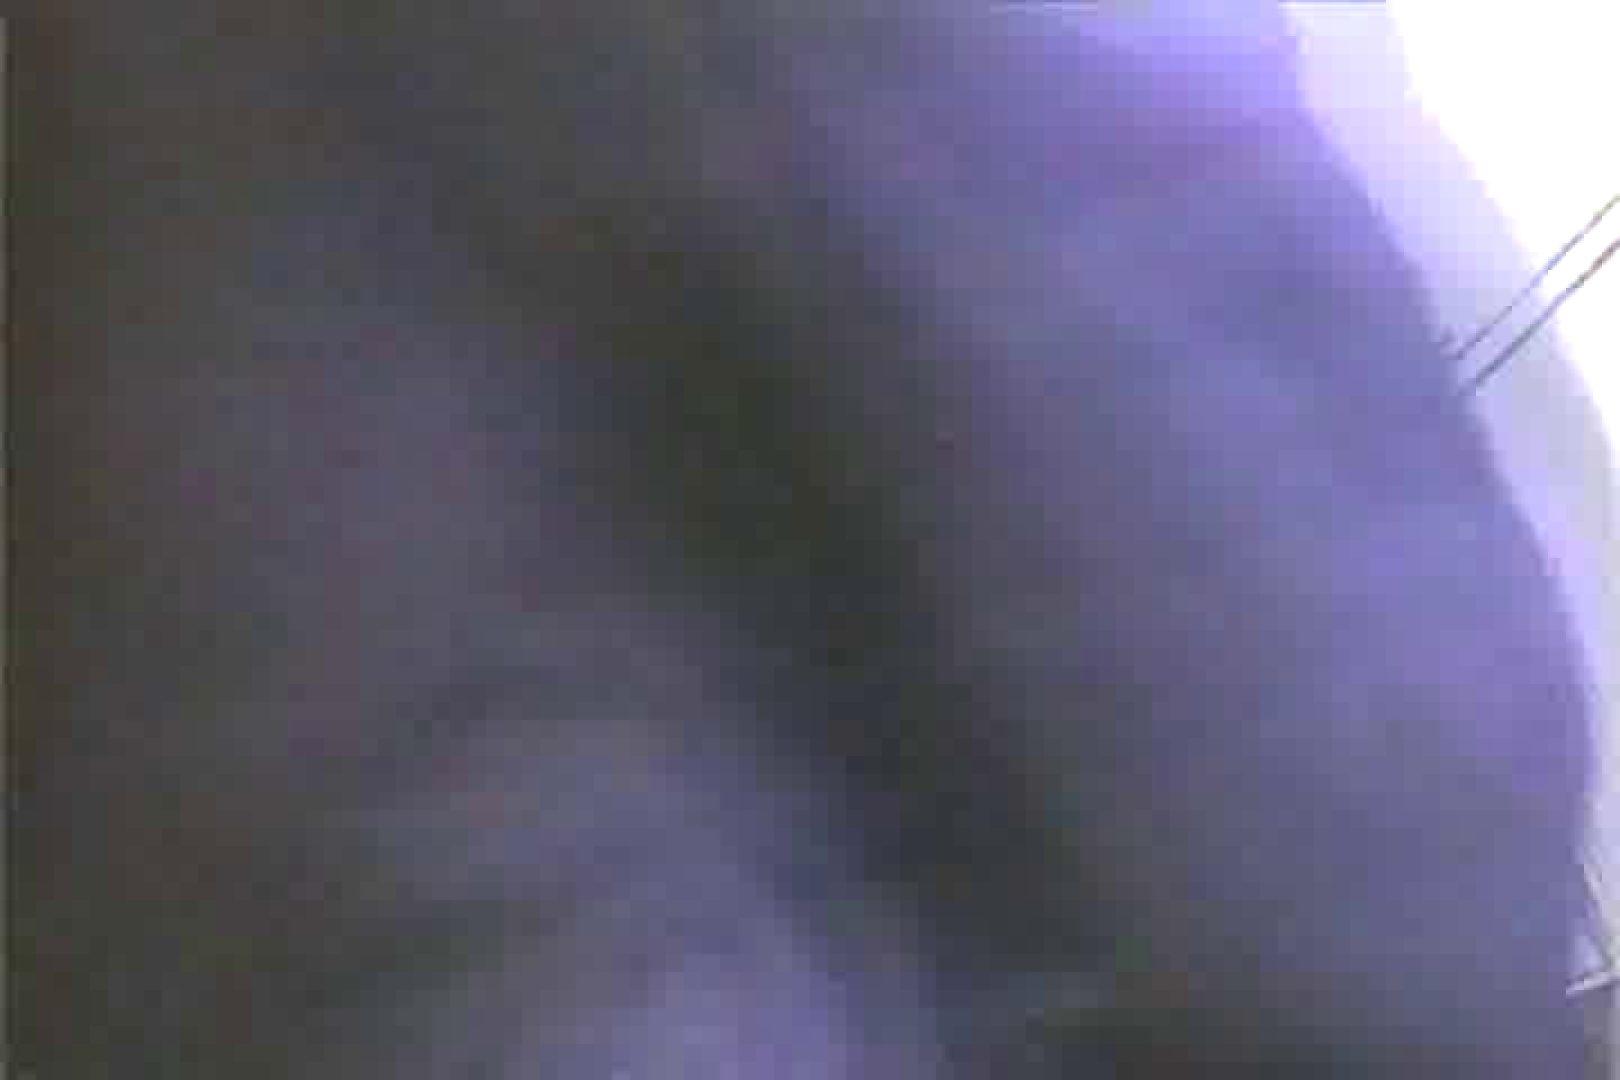 「ちくりん」さんのオリジナル未編集パンチラVol.2_02 潜入 SEX無修正画像 84PIX 3